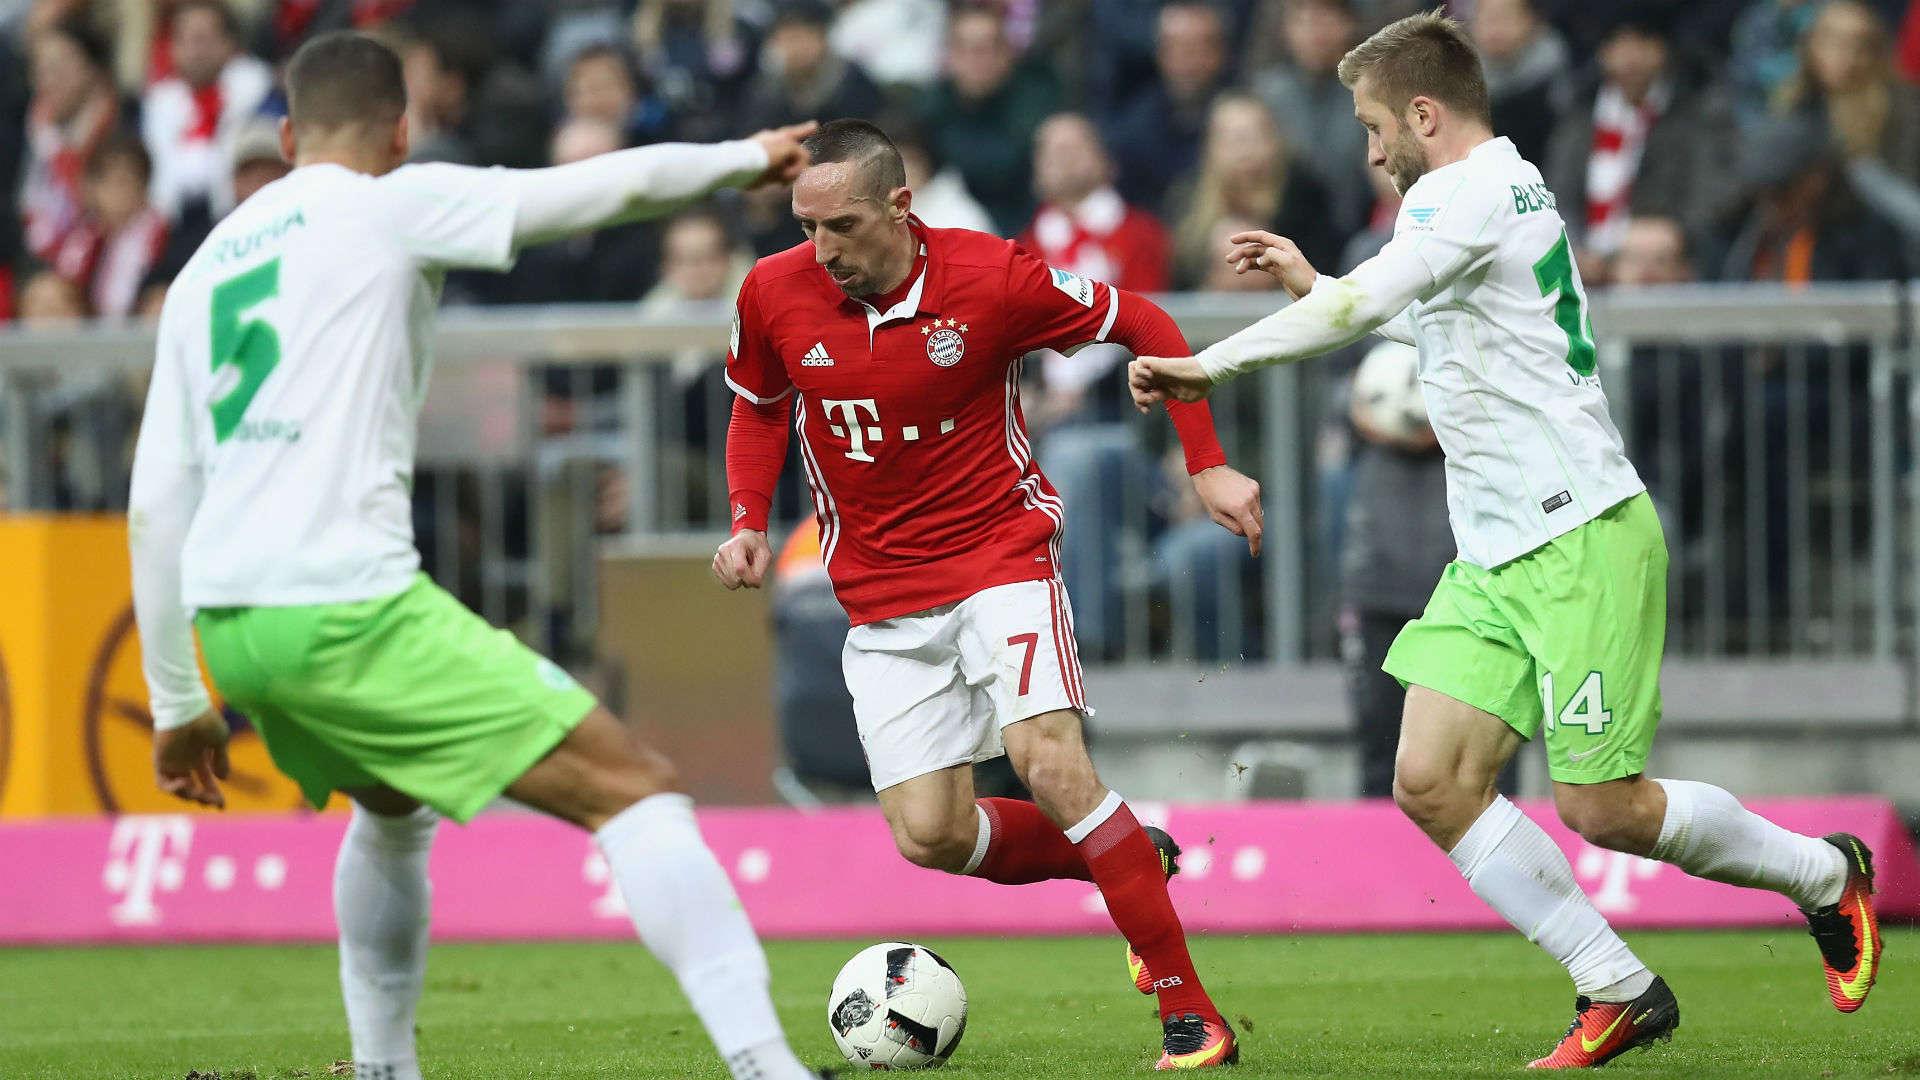 Bayern sẽ tiếp tục mạch thắng để thách thức PSG